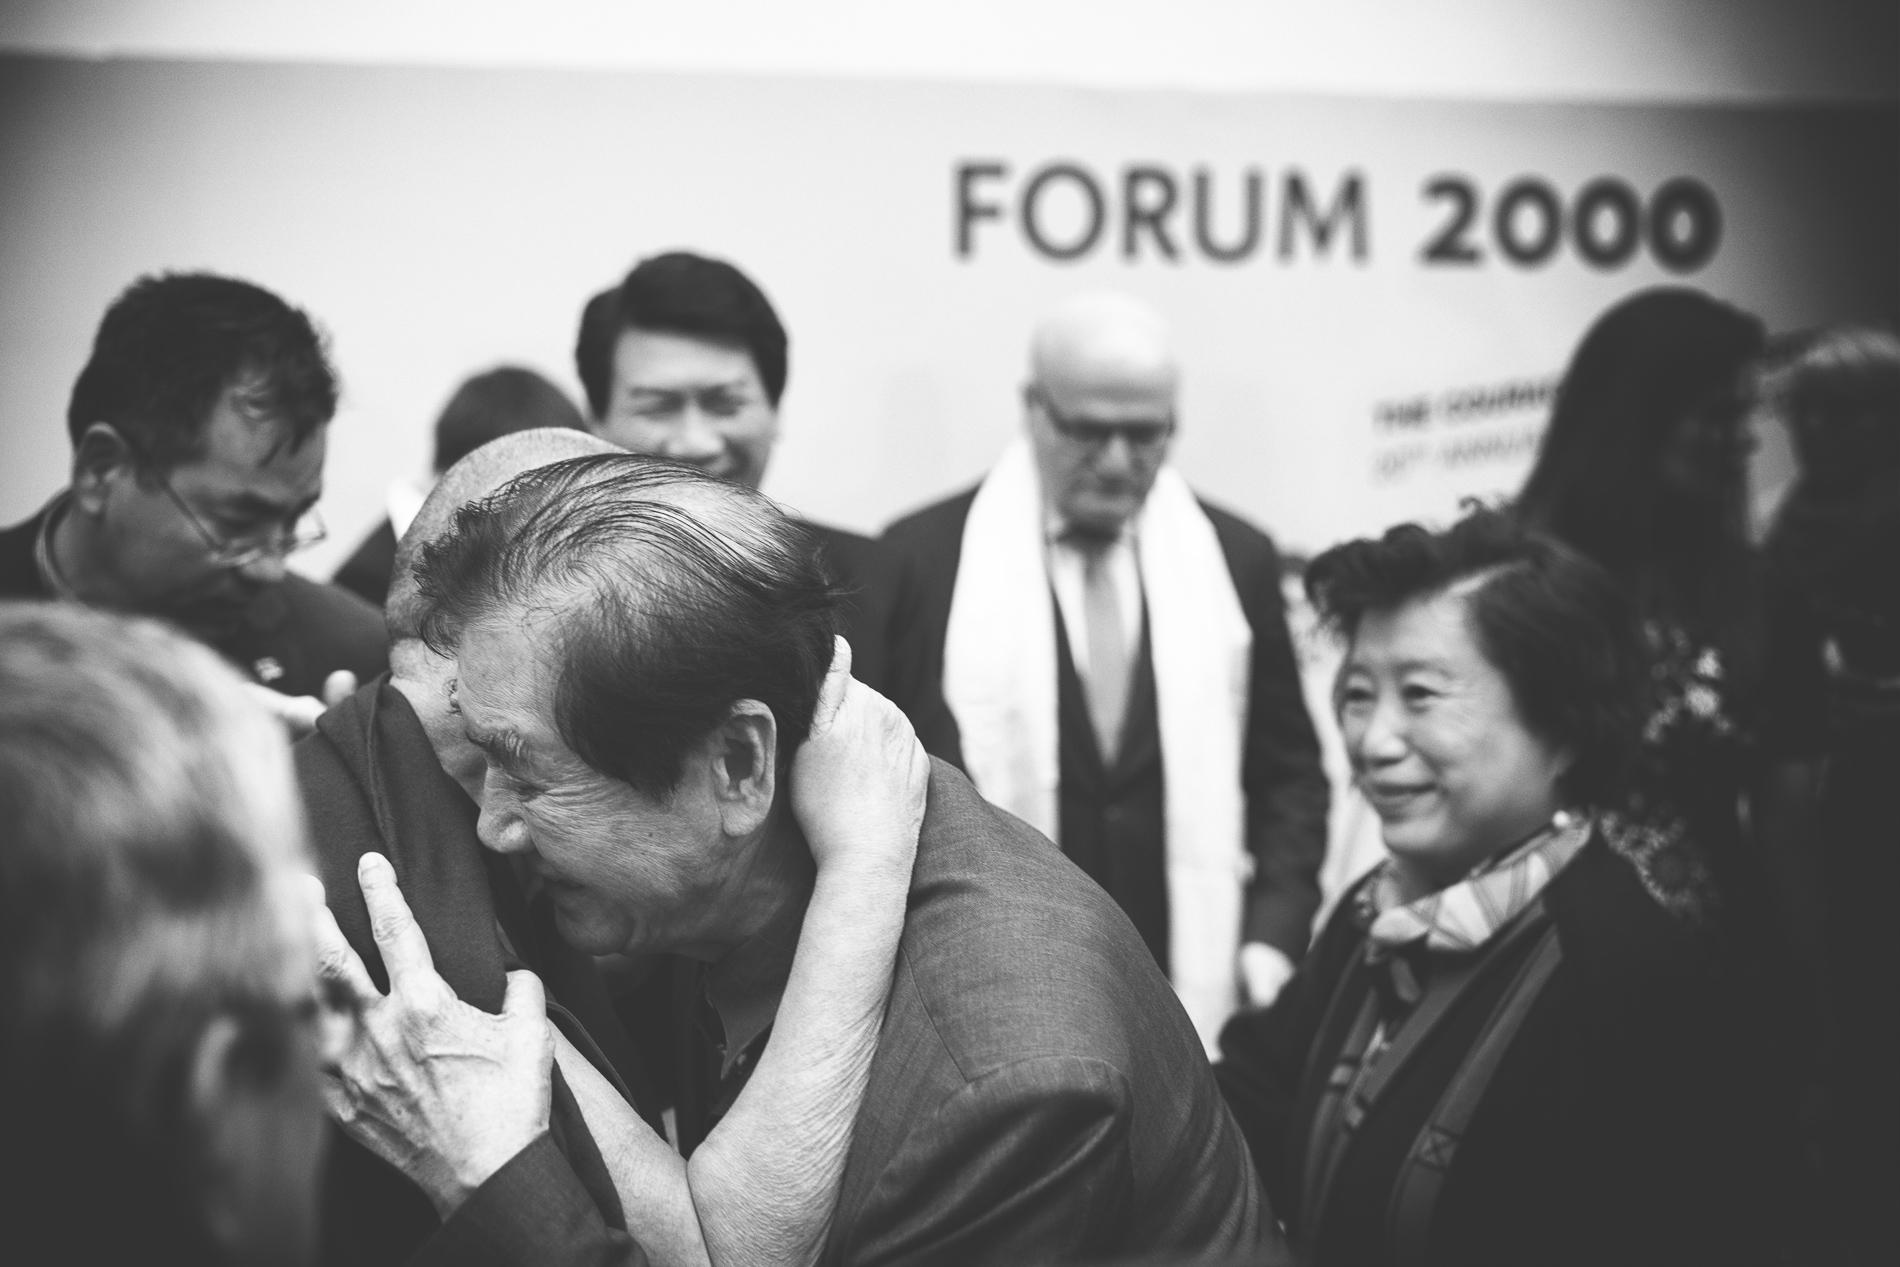 fotografie - Forum 2000